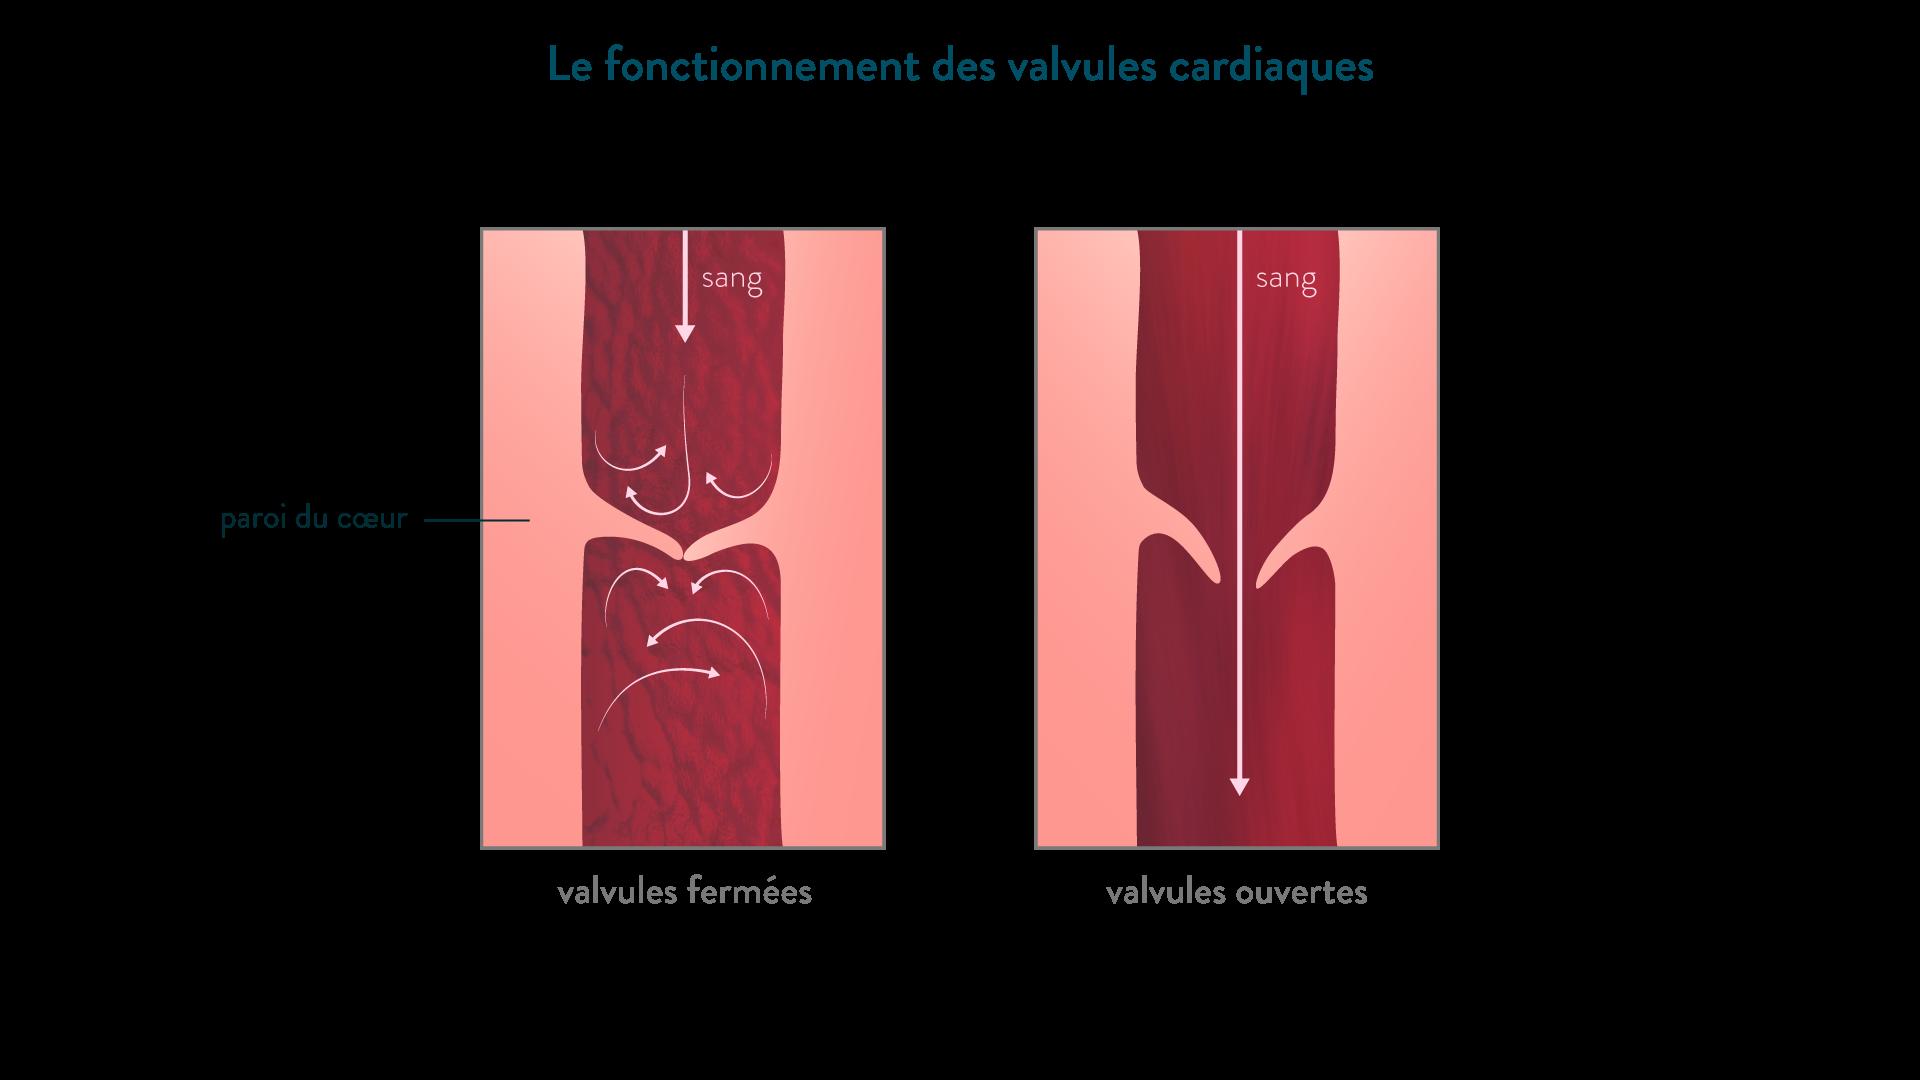 Schéma de fonctionnement des valvules cardiaques